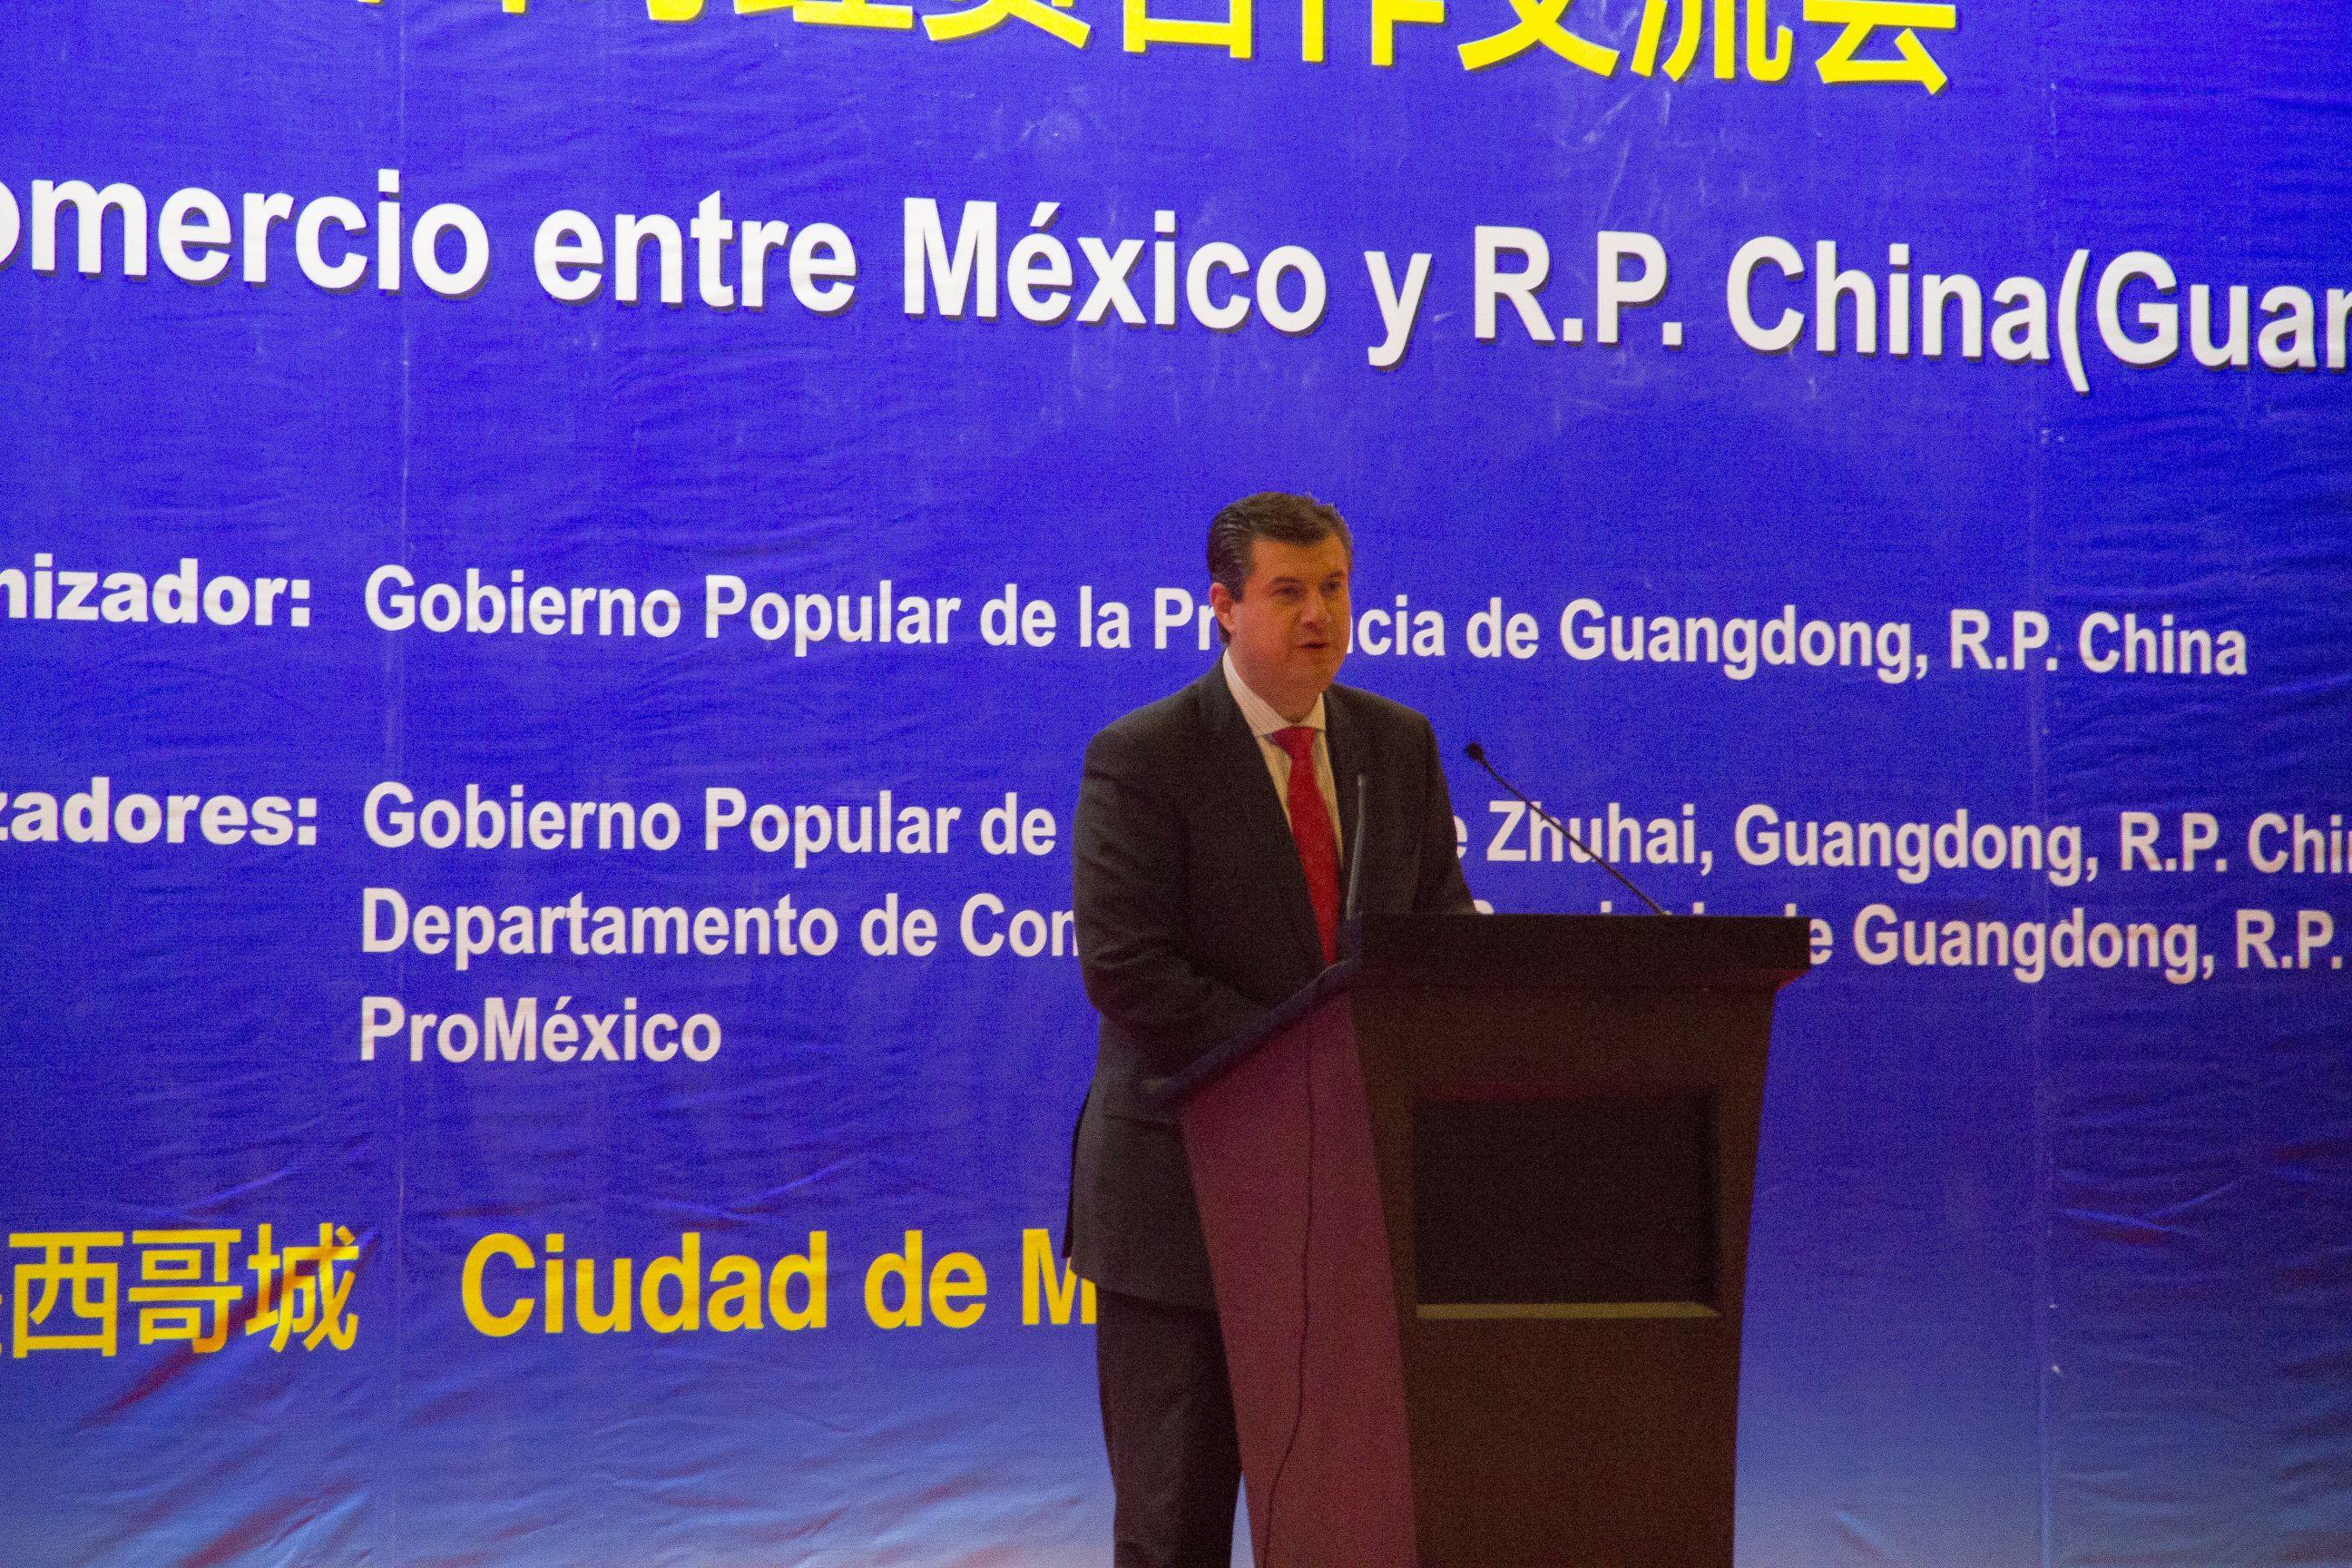 Foro de Cooperación México-China (Guangdong) 2